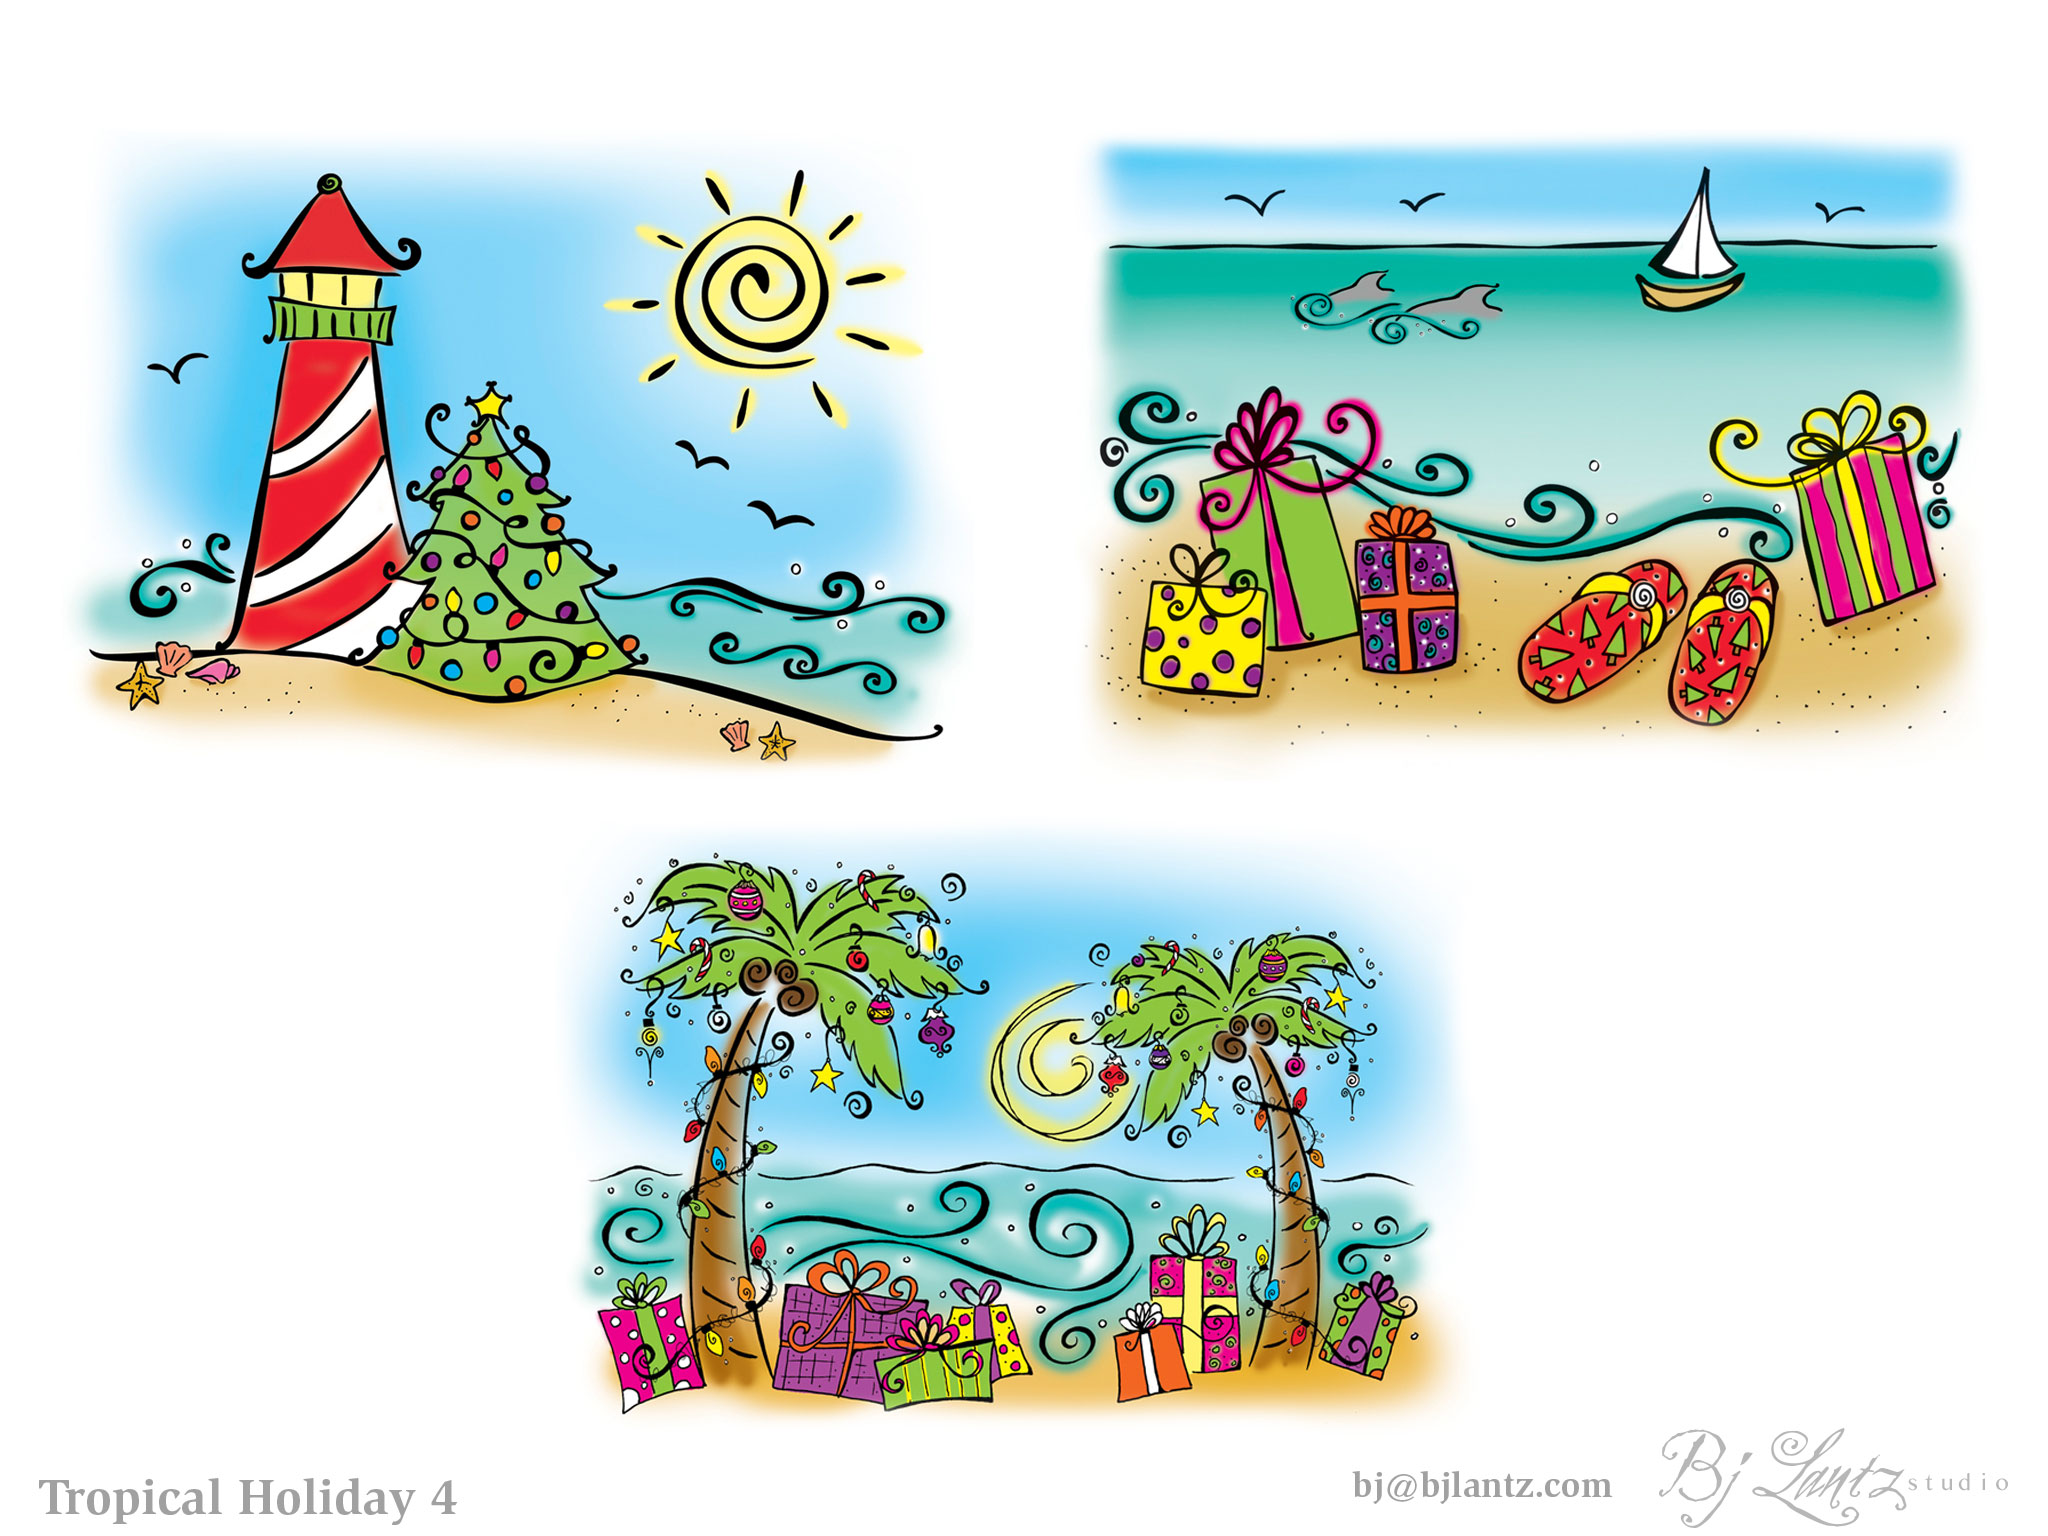 TropicalHoliday-4_portfolio_Lantz.jpg